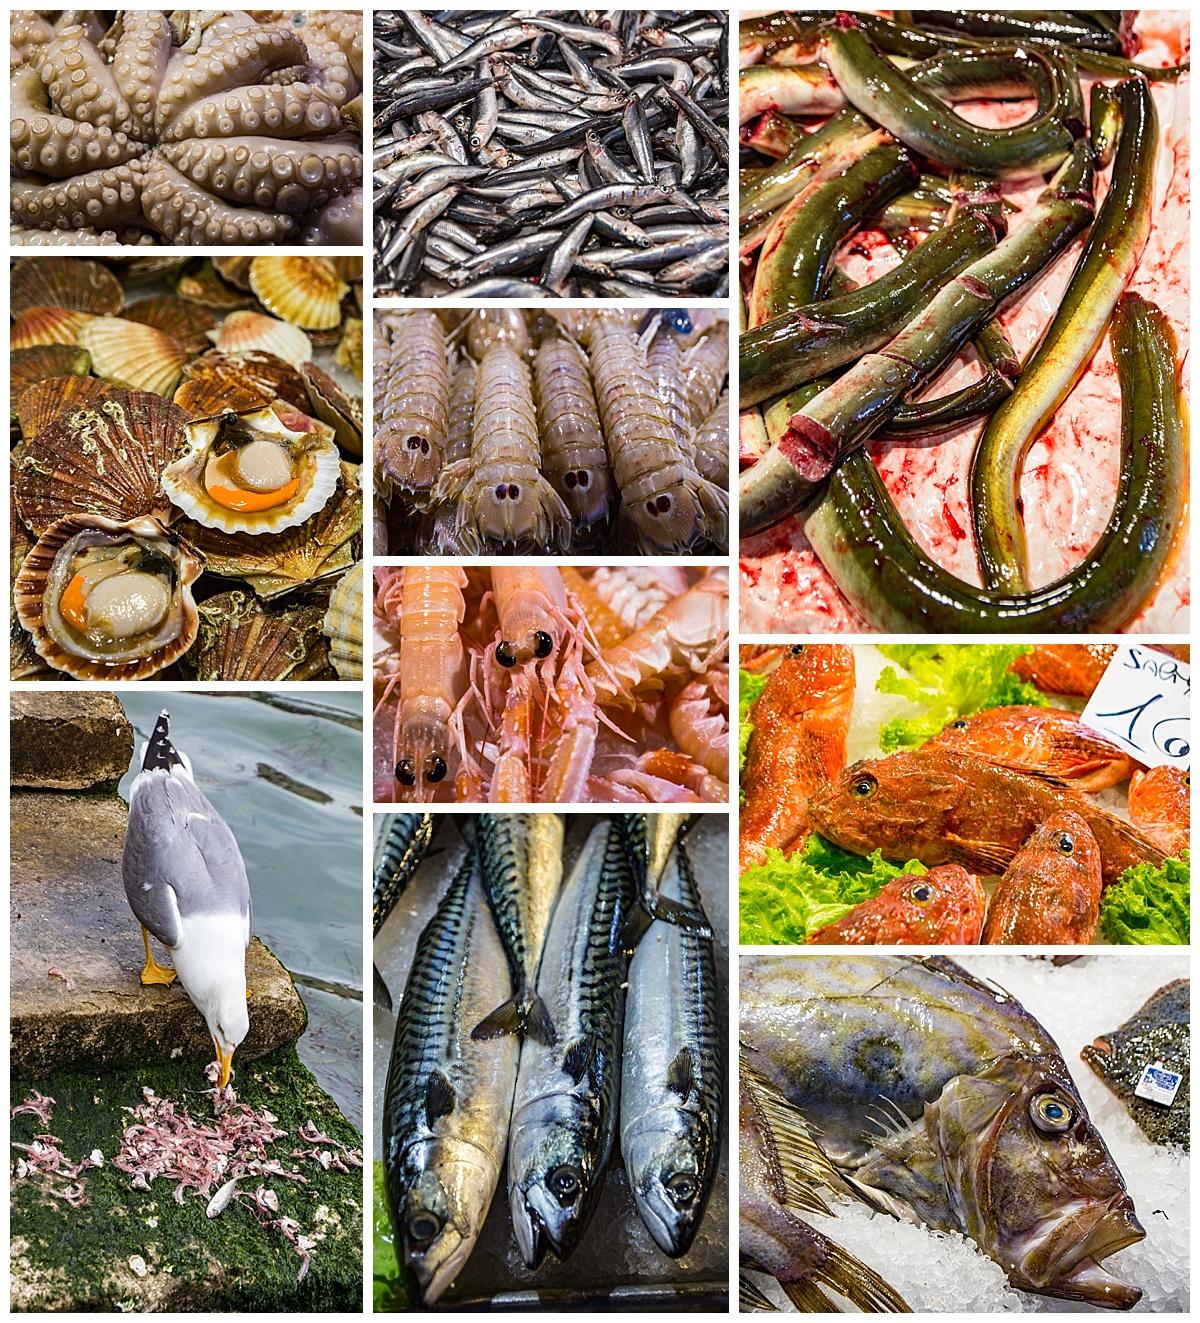 Venice, Italy - fish